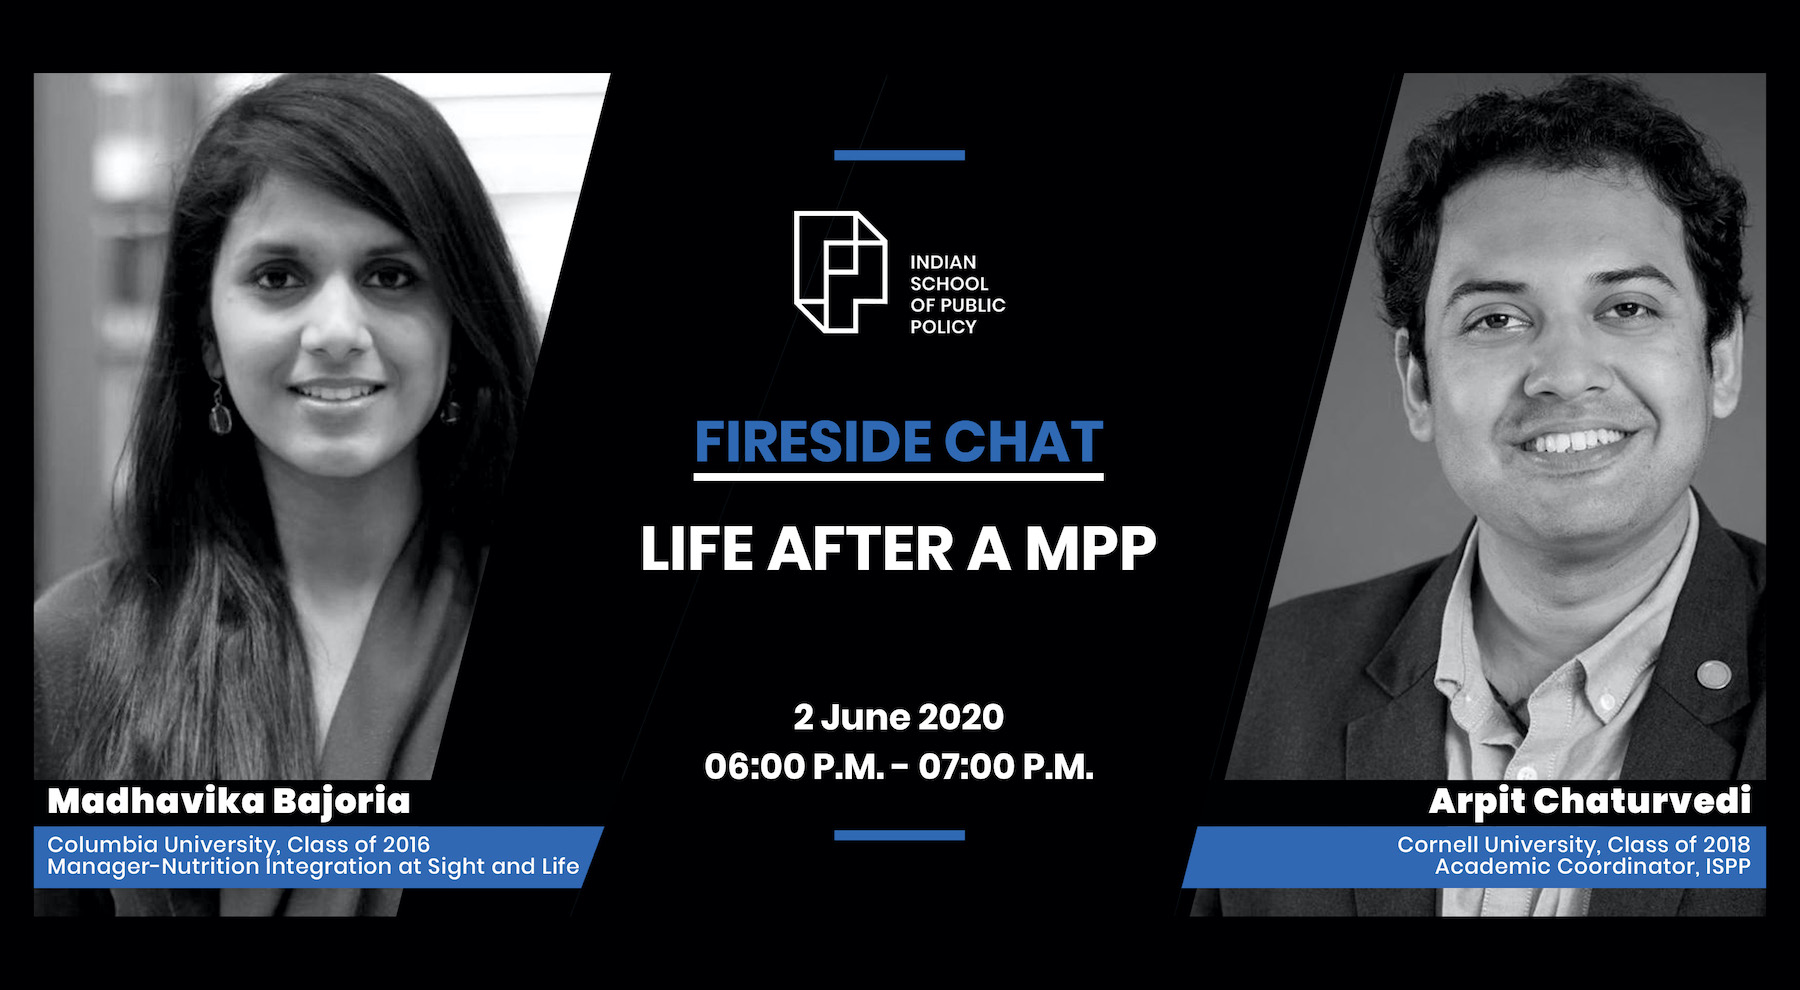 Life After a MPP